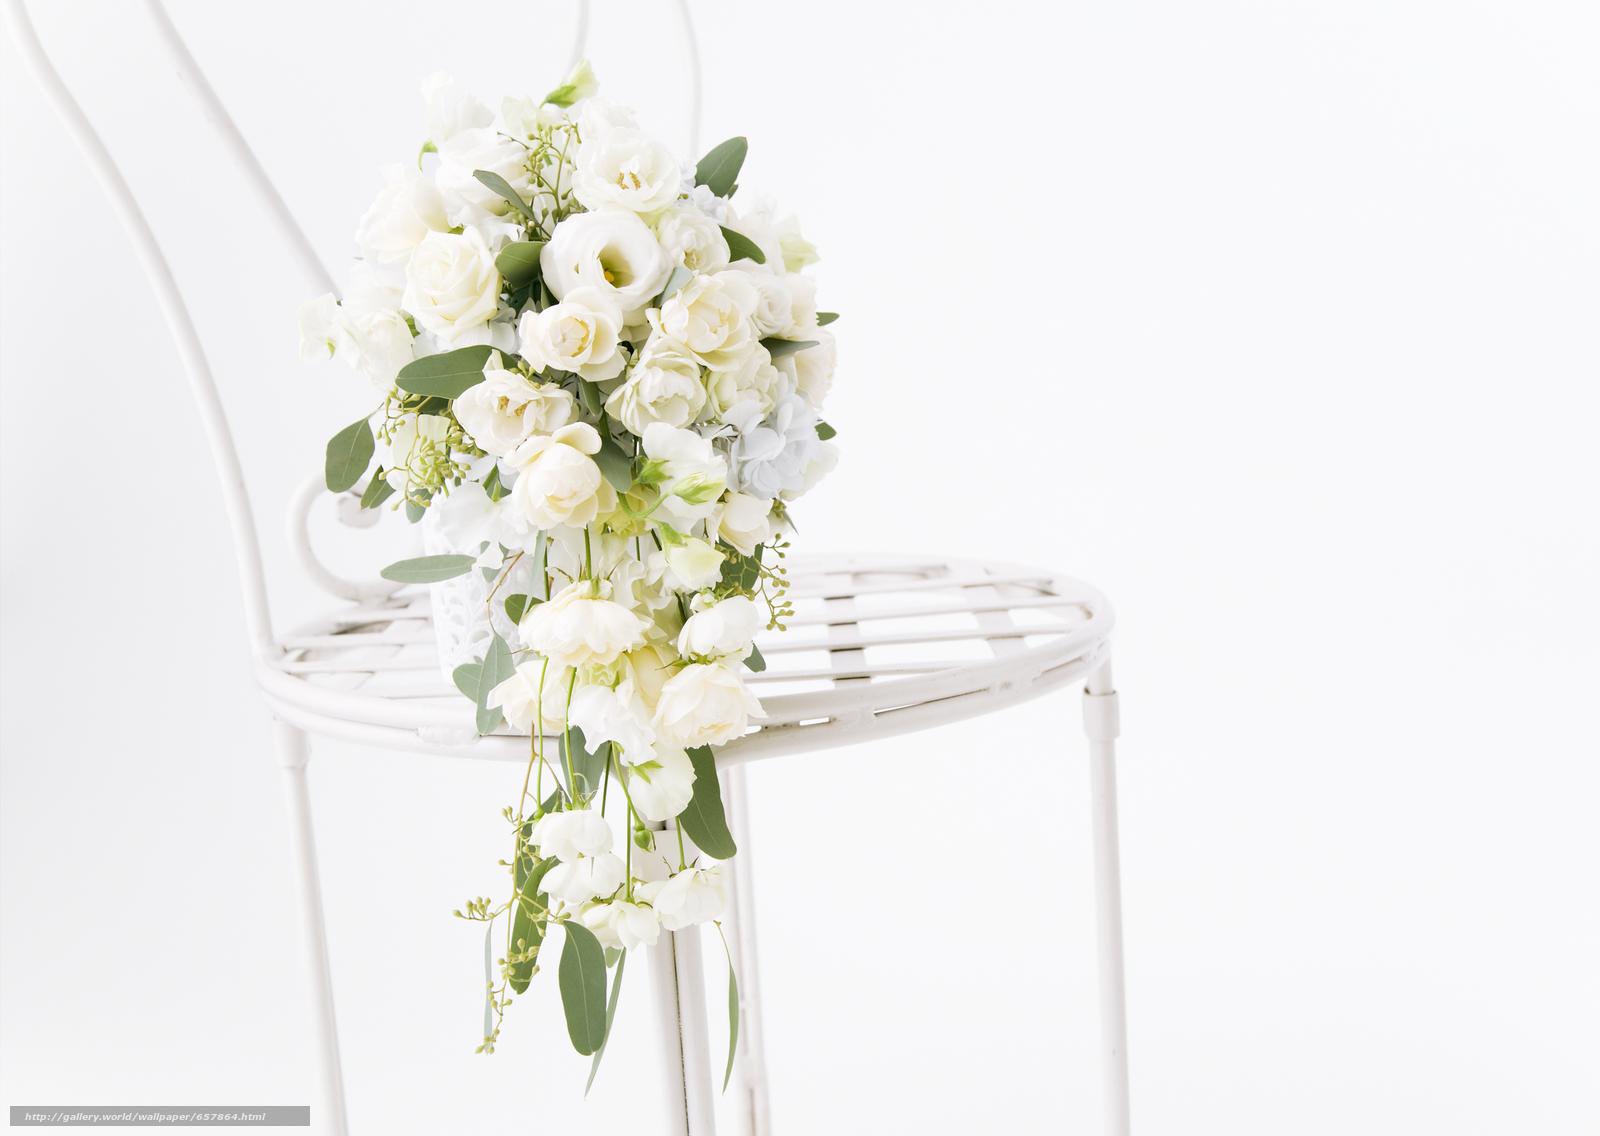 Скачать обои цветы,  цветок,  роза,  розы бесплатно для рабочего стола в разрешении 2950x2094 — картинка №657864